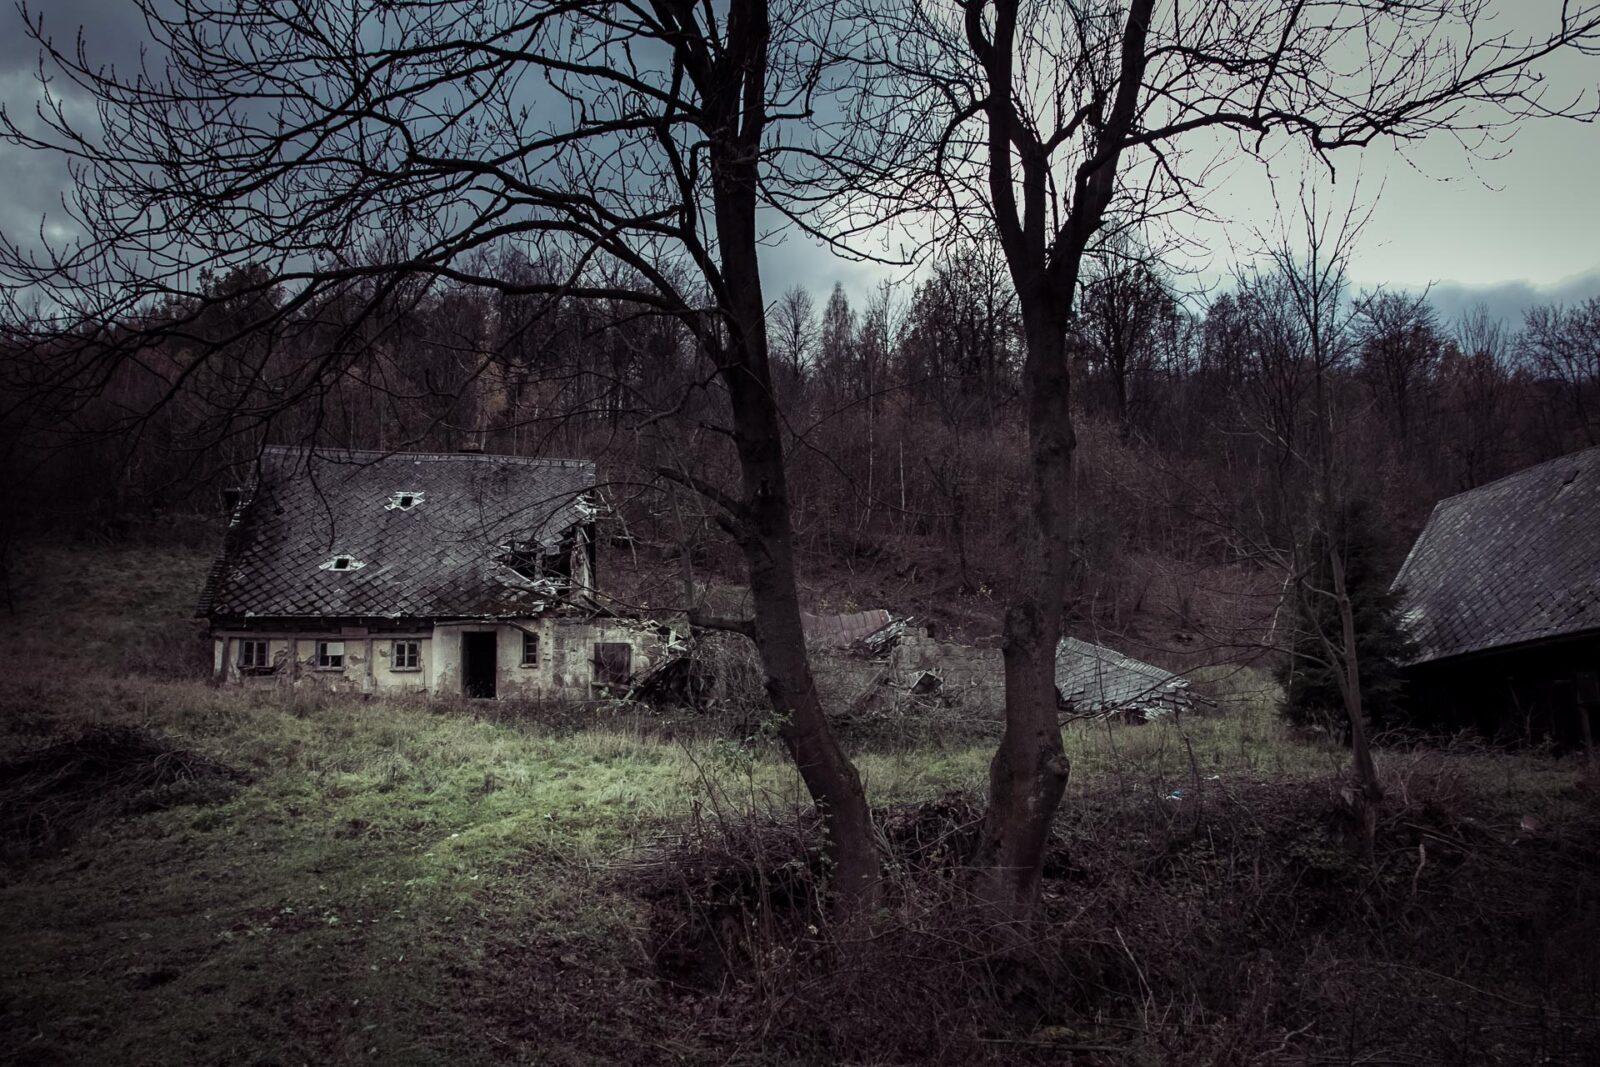 Tu już nikt niemieszka - dom wRudawach Janowickich